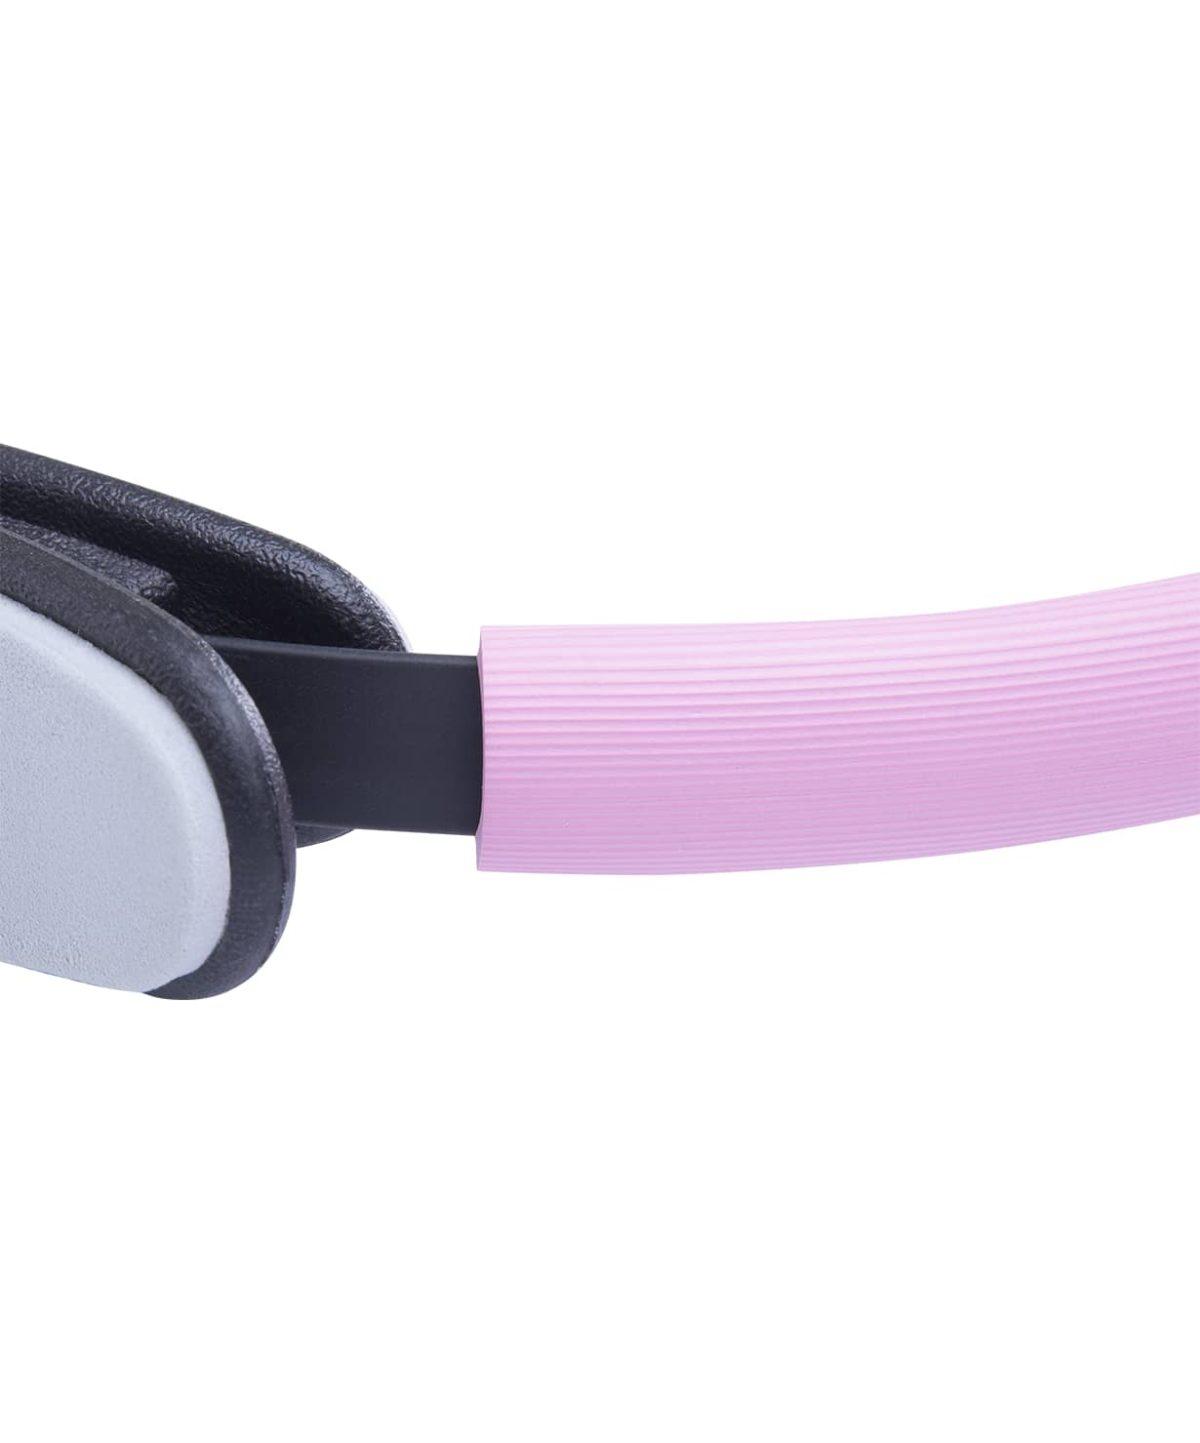 STARFIT Кольцо для пилатеса  FA-0402: розовый - 2